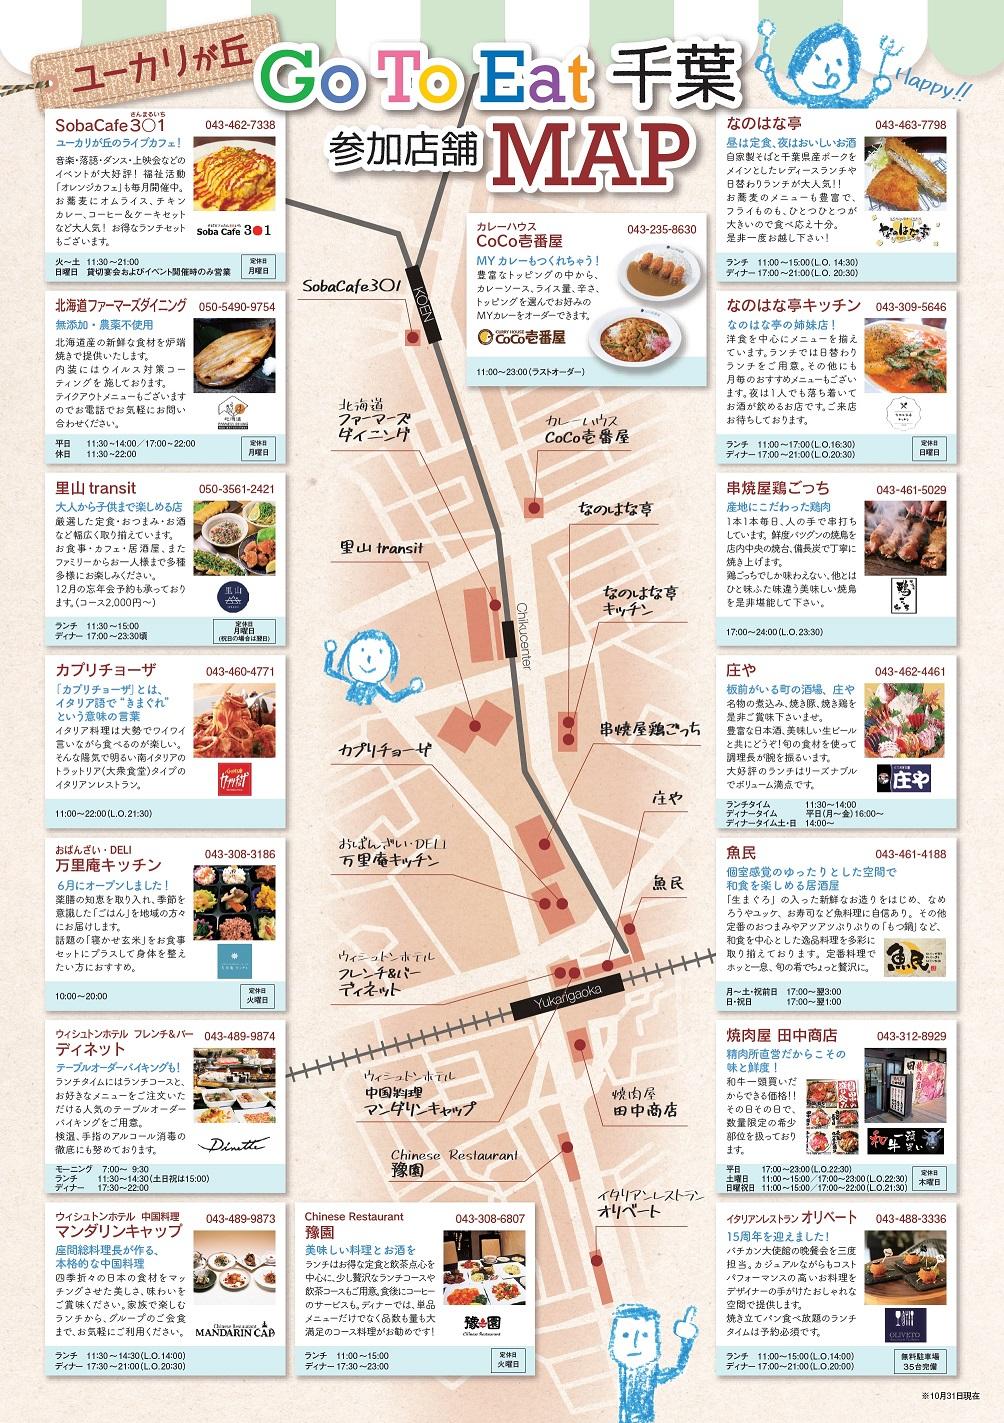 ユーカリが丘 Go To Eat千葉参加店舗情報!